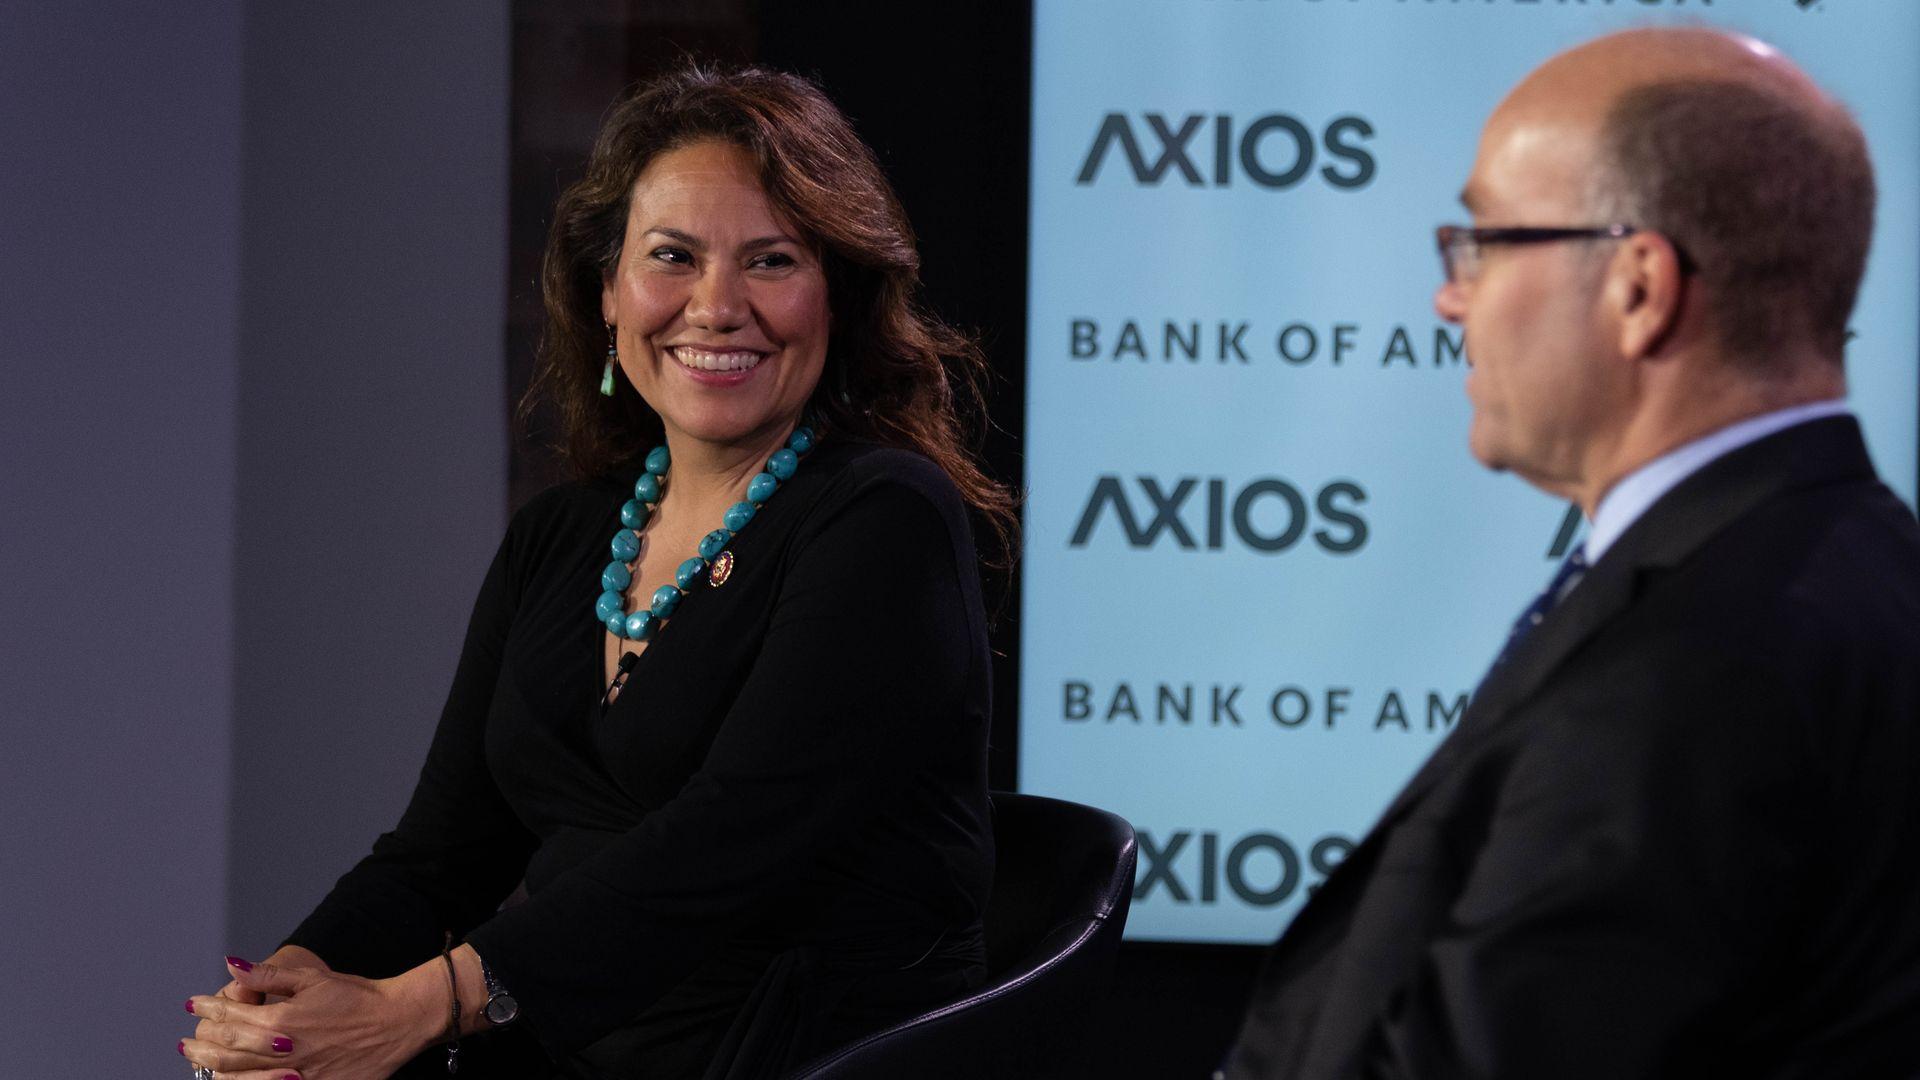 Rep. Veronica Escobar in conversation with Axios' Mike Allen.